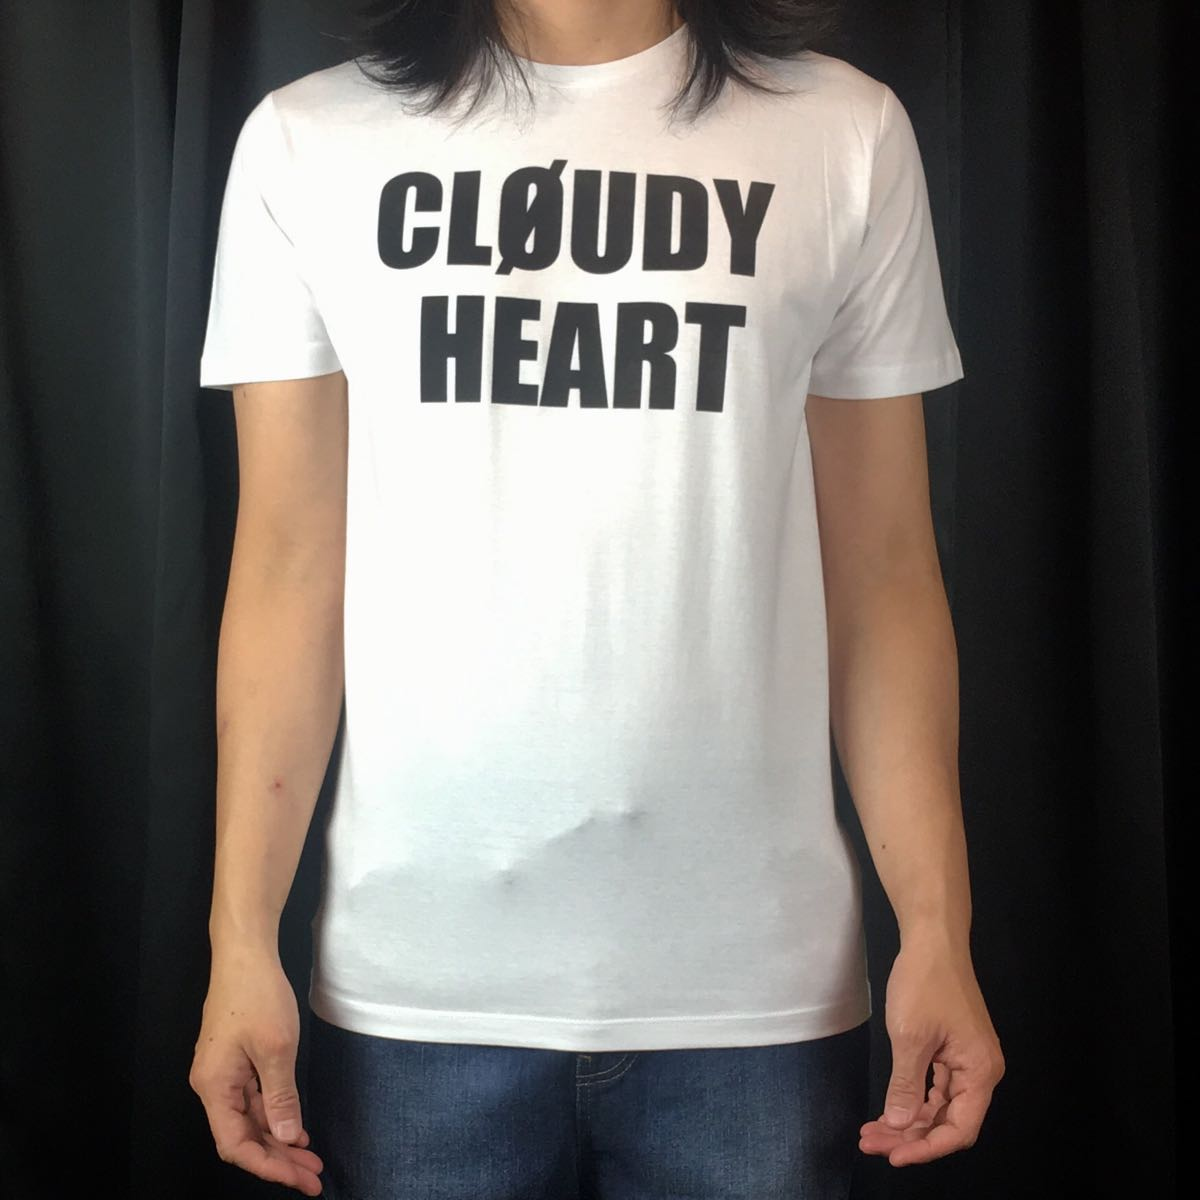 新品 BOOWY ボウイ CLOUDY HEART Tシャツ S M L XL 氷室京介 布袋寅泰 大きい ビッグ オーバーサイズ XXL 3XL 4XL 5XL ロンT 長袖 黒 対応